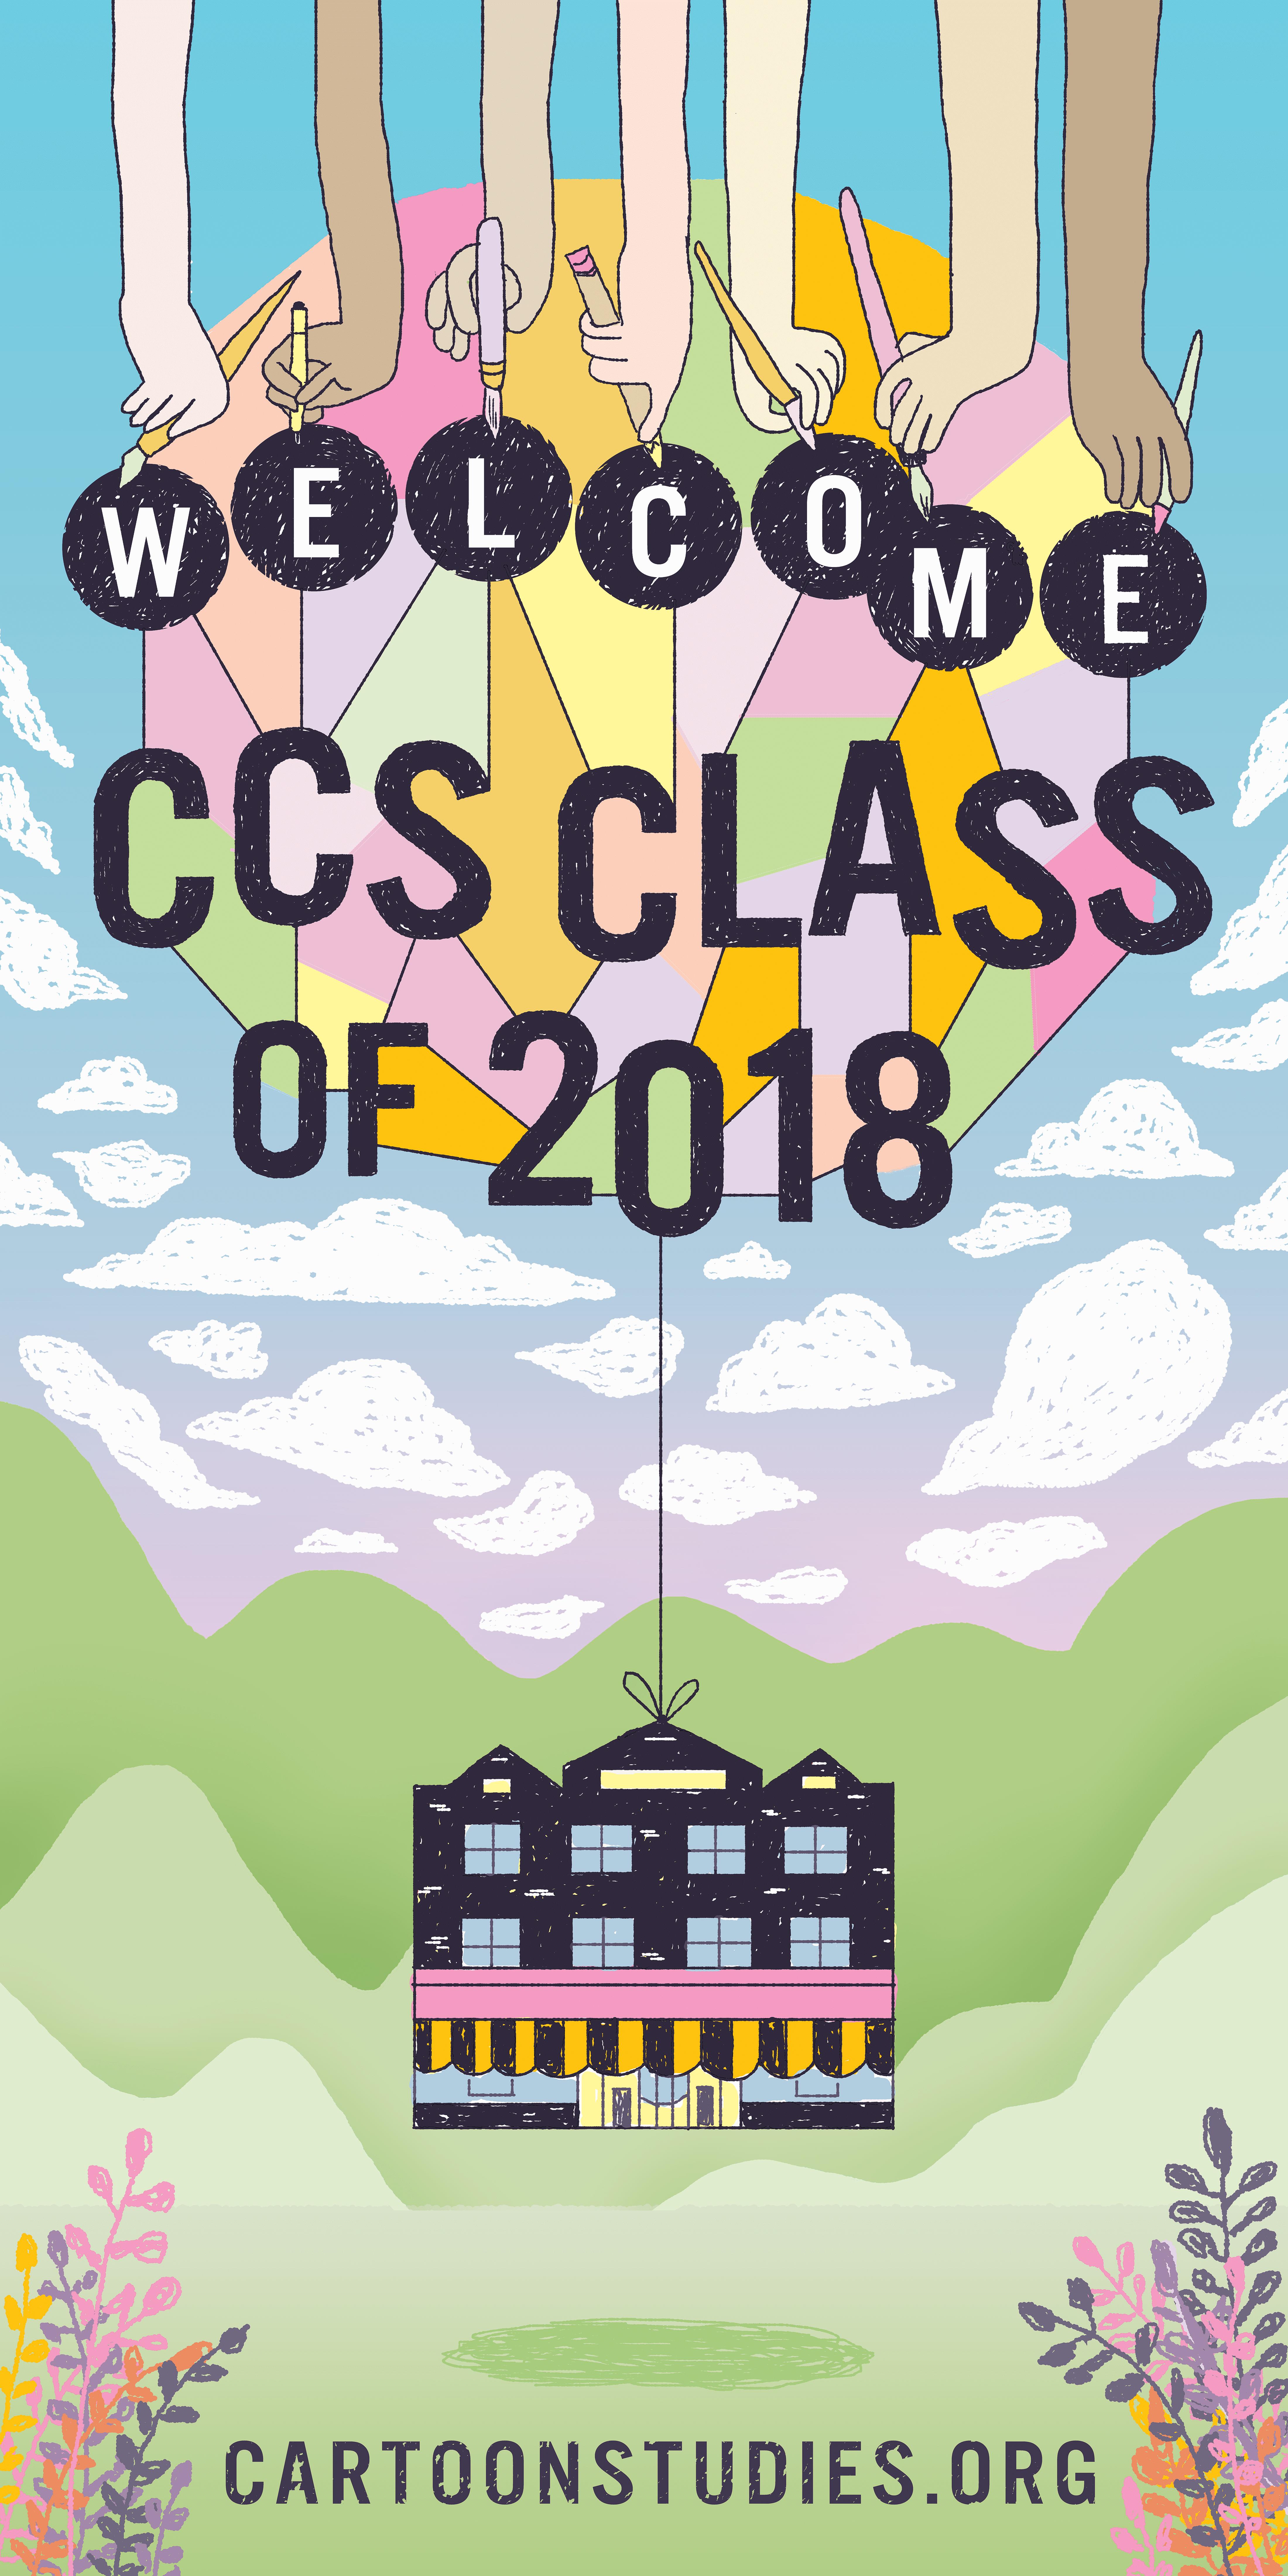 WelcomeBanner_ClassOf2018